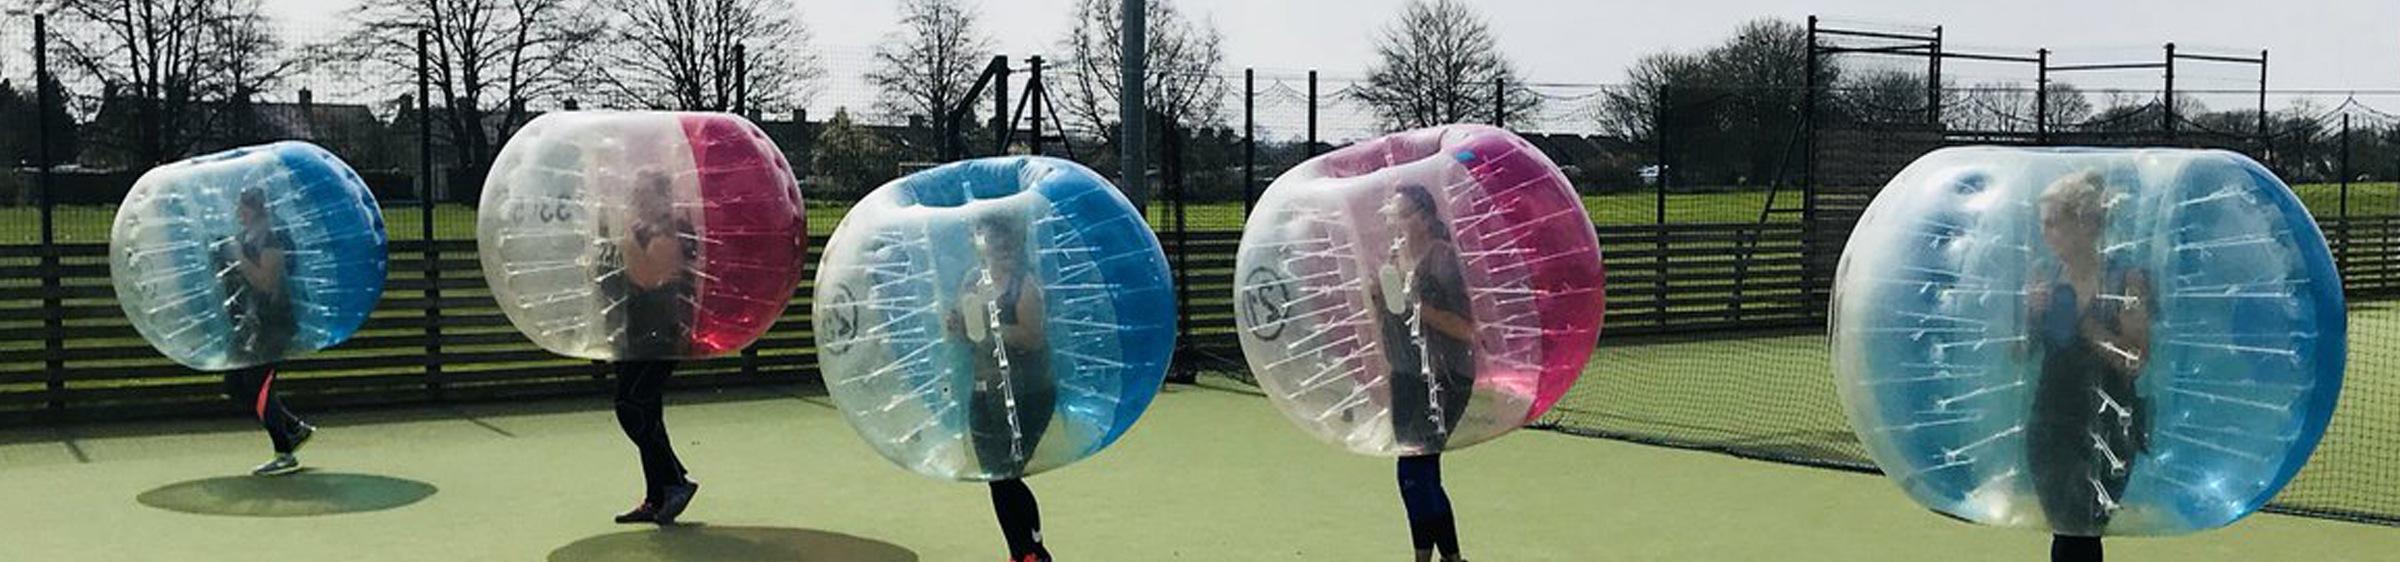 Women in giant bubble balls